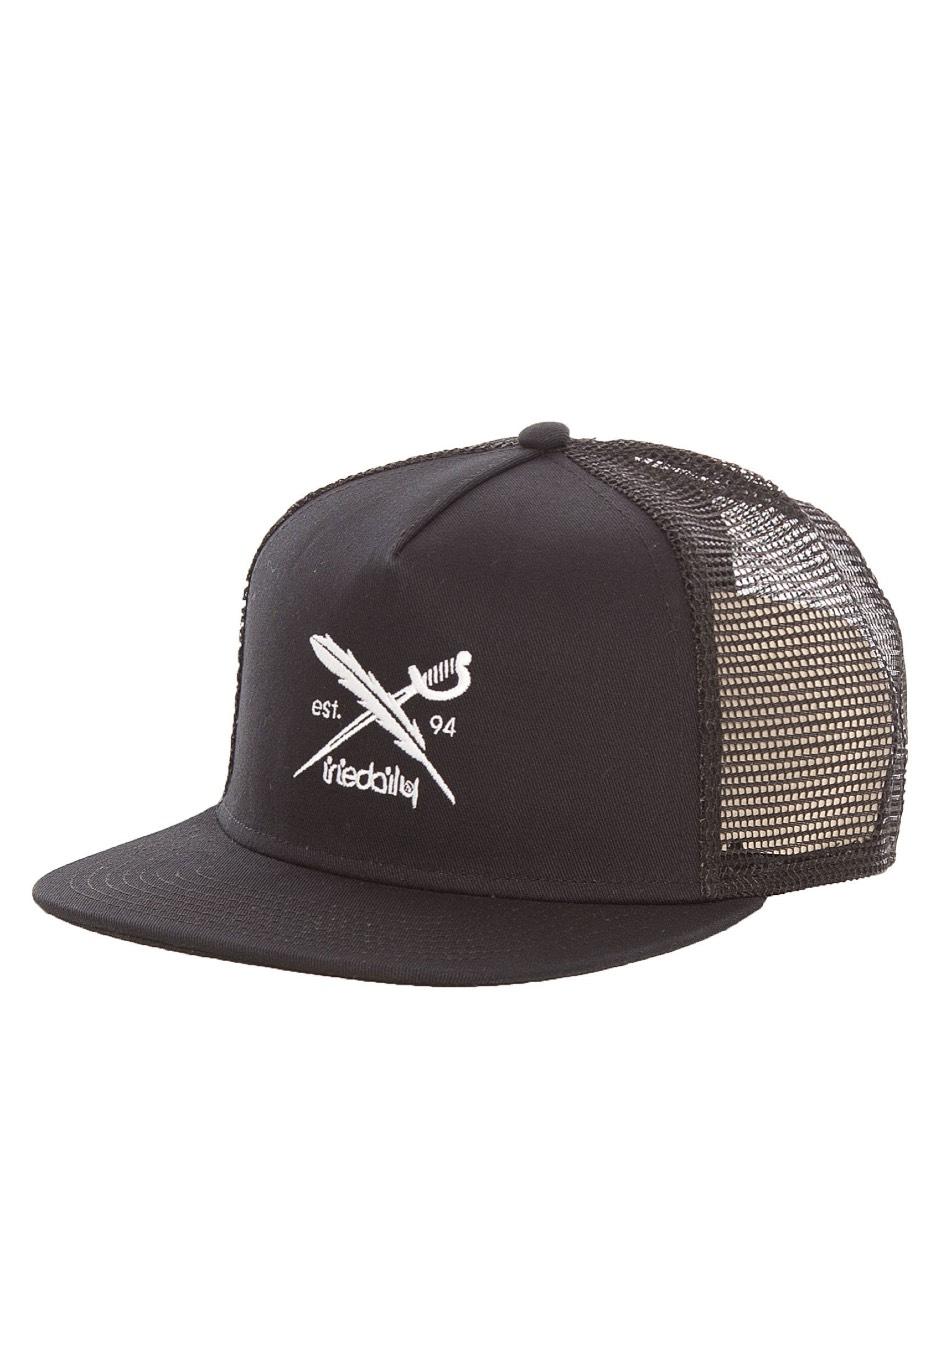 Iriedaily - City Mesh Black - Caps